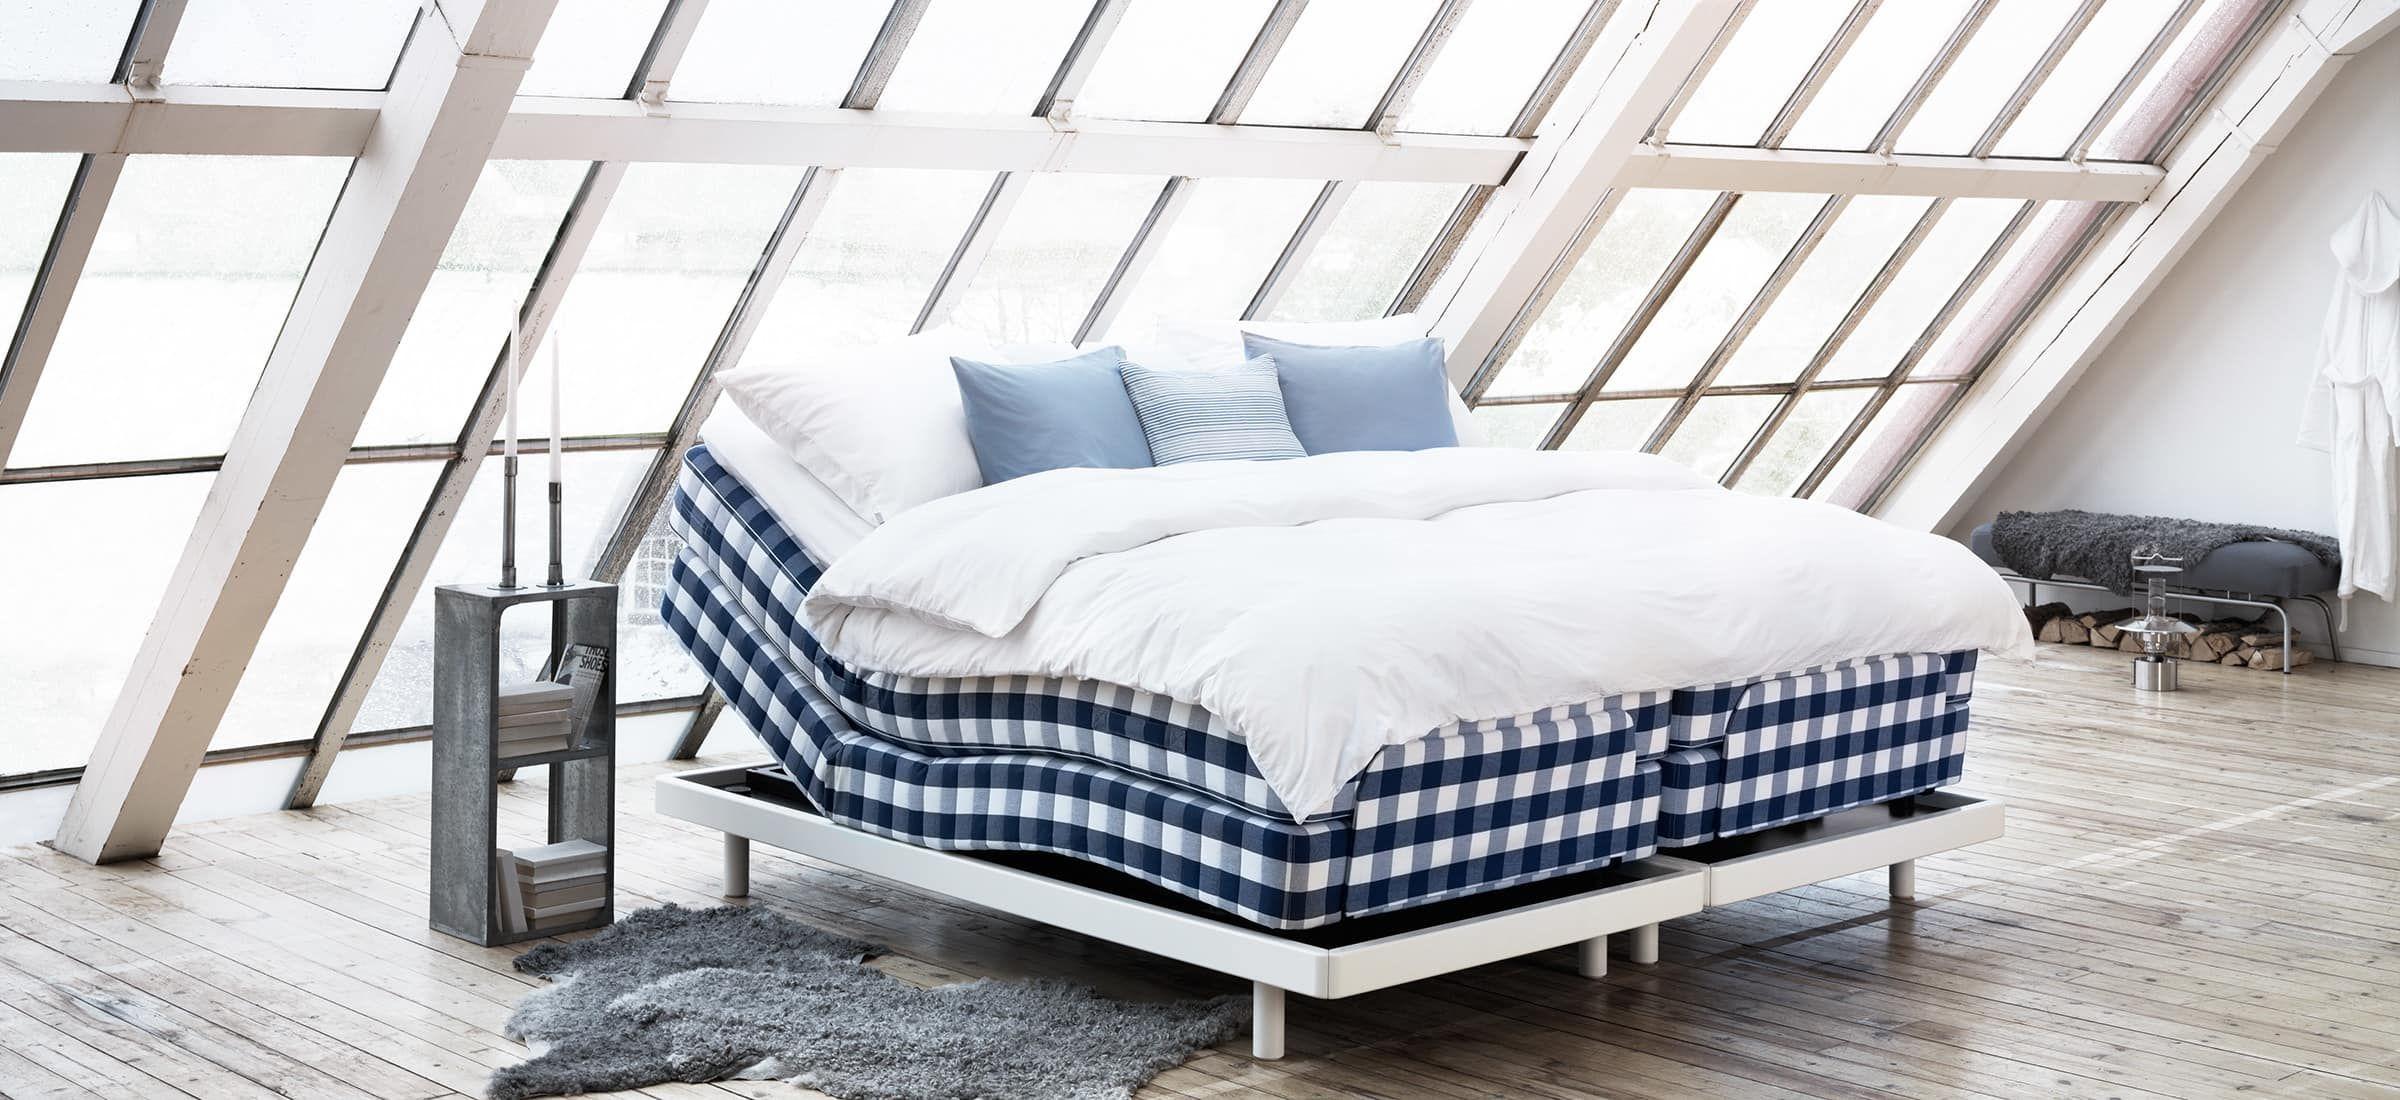 hastens lenoria adjustable bed with hidden tech hastens